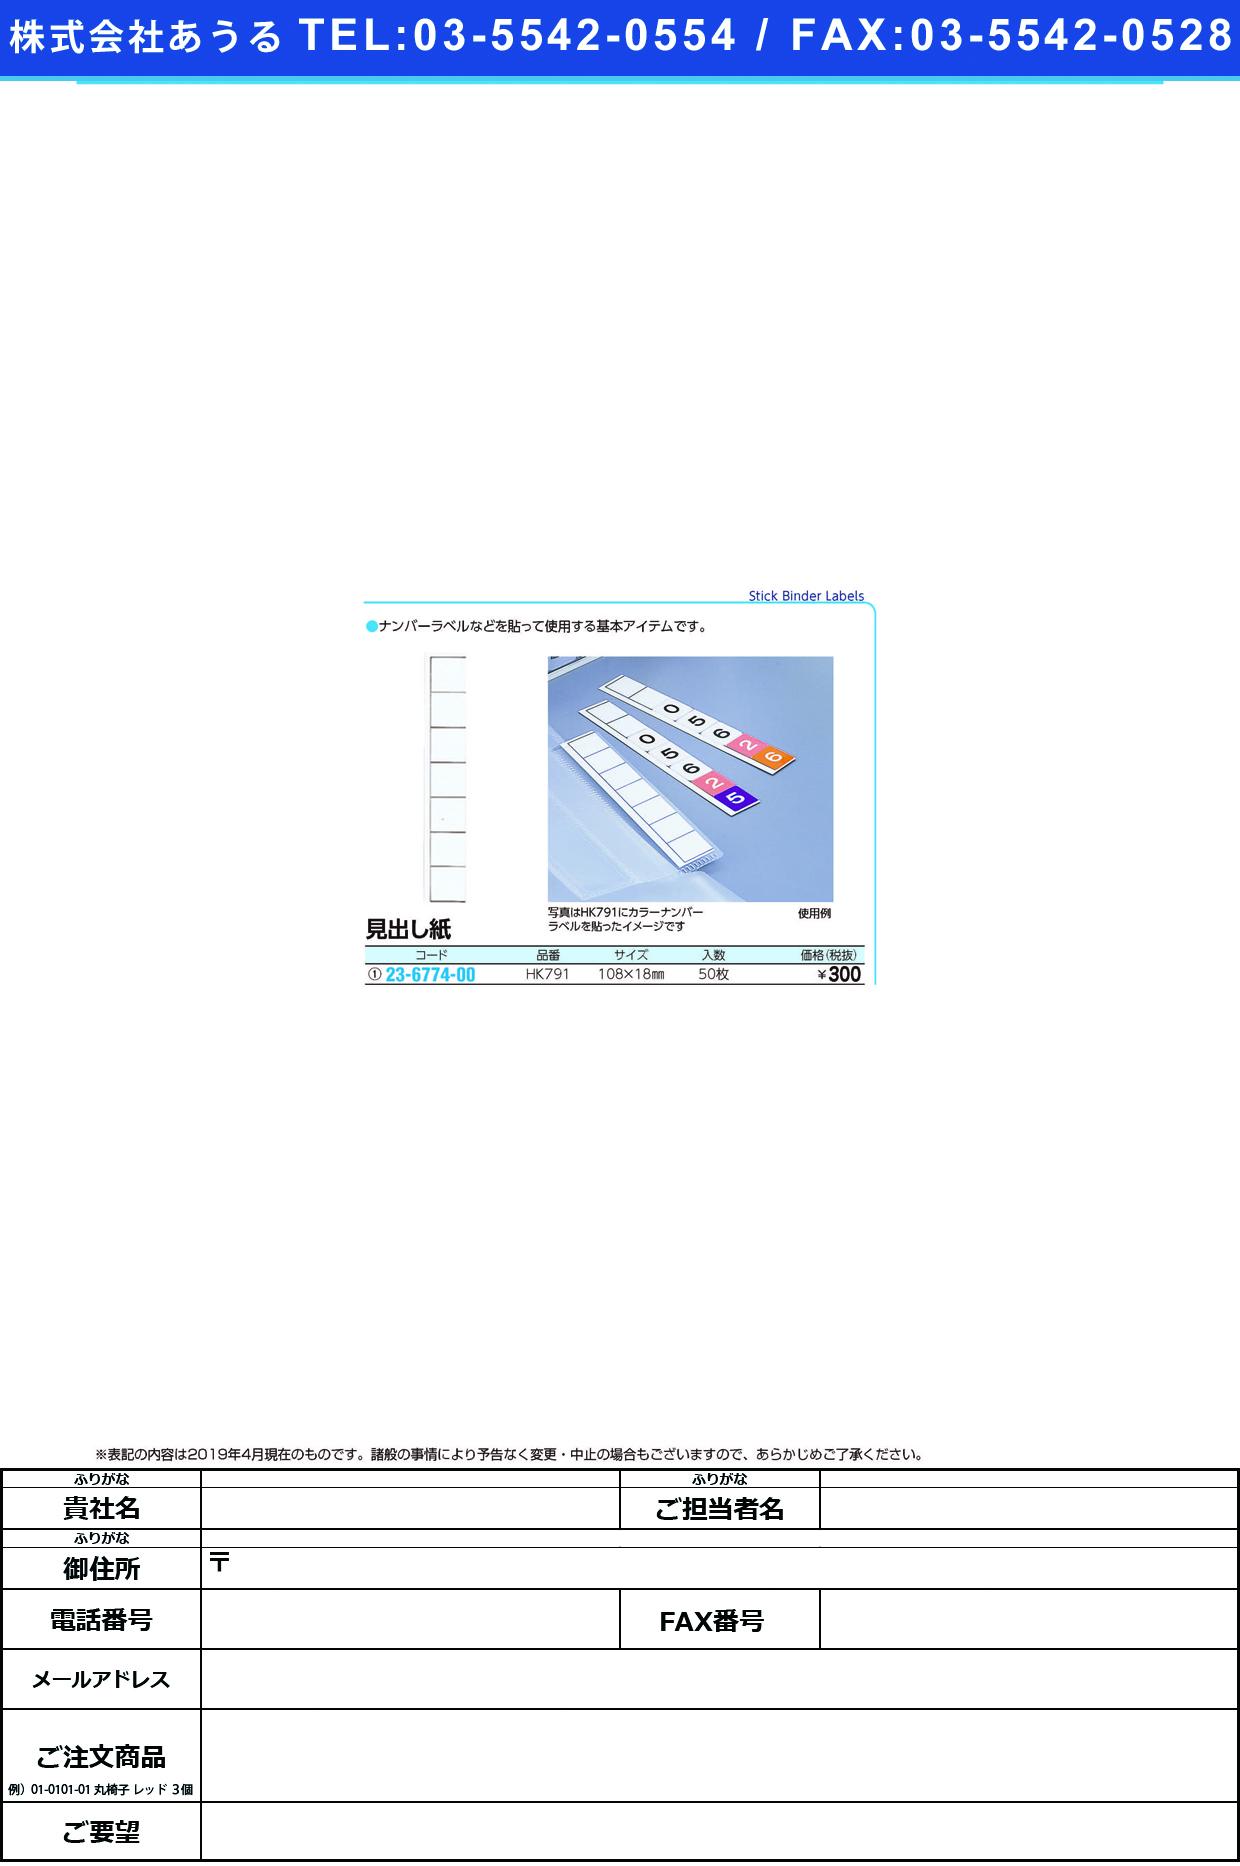 (23-6774-00)見出し紙 HK791(50マイイリ) ミダシカミ(LIHITLAB.)【1袋単位】【2019年カタログ商品】